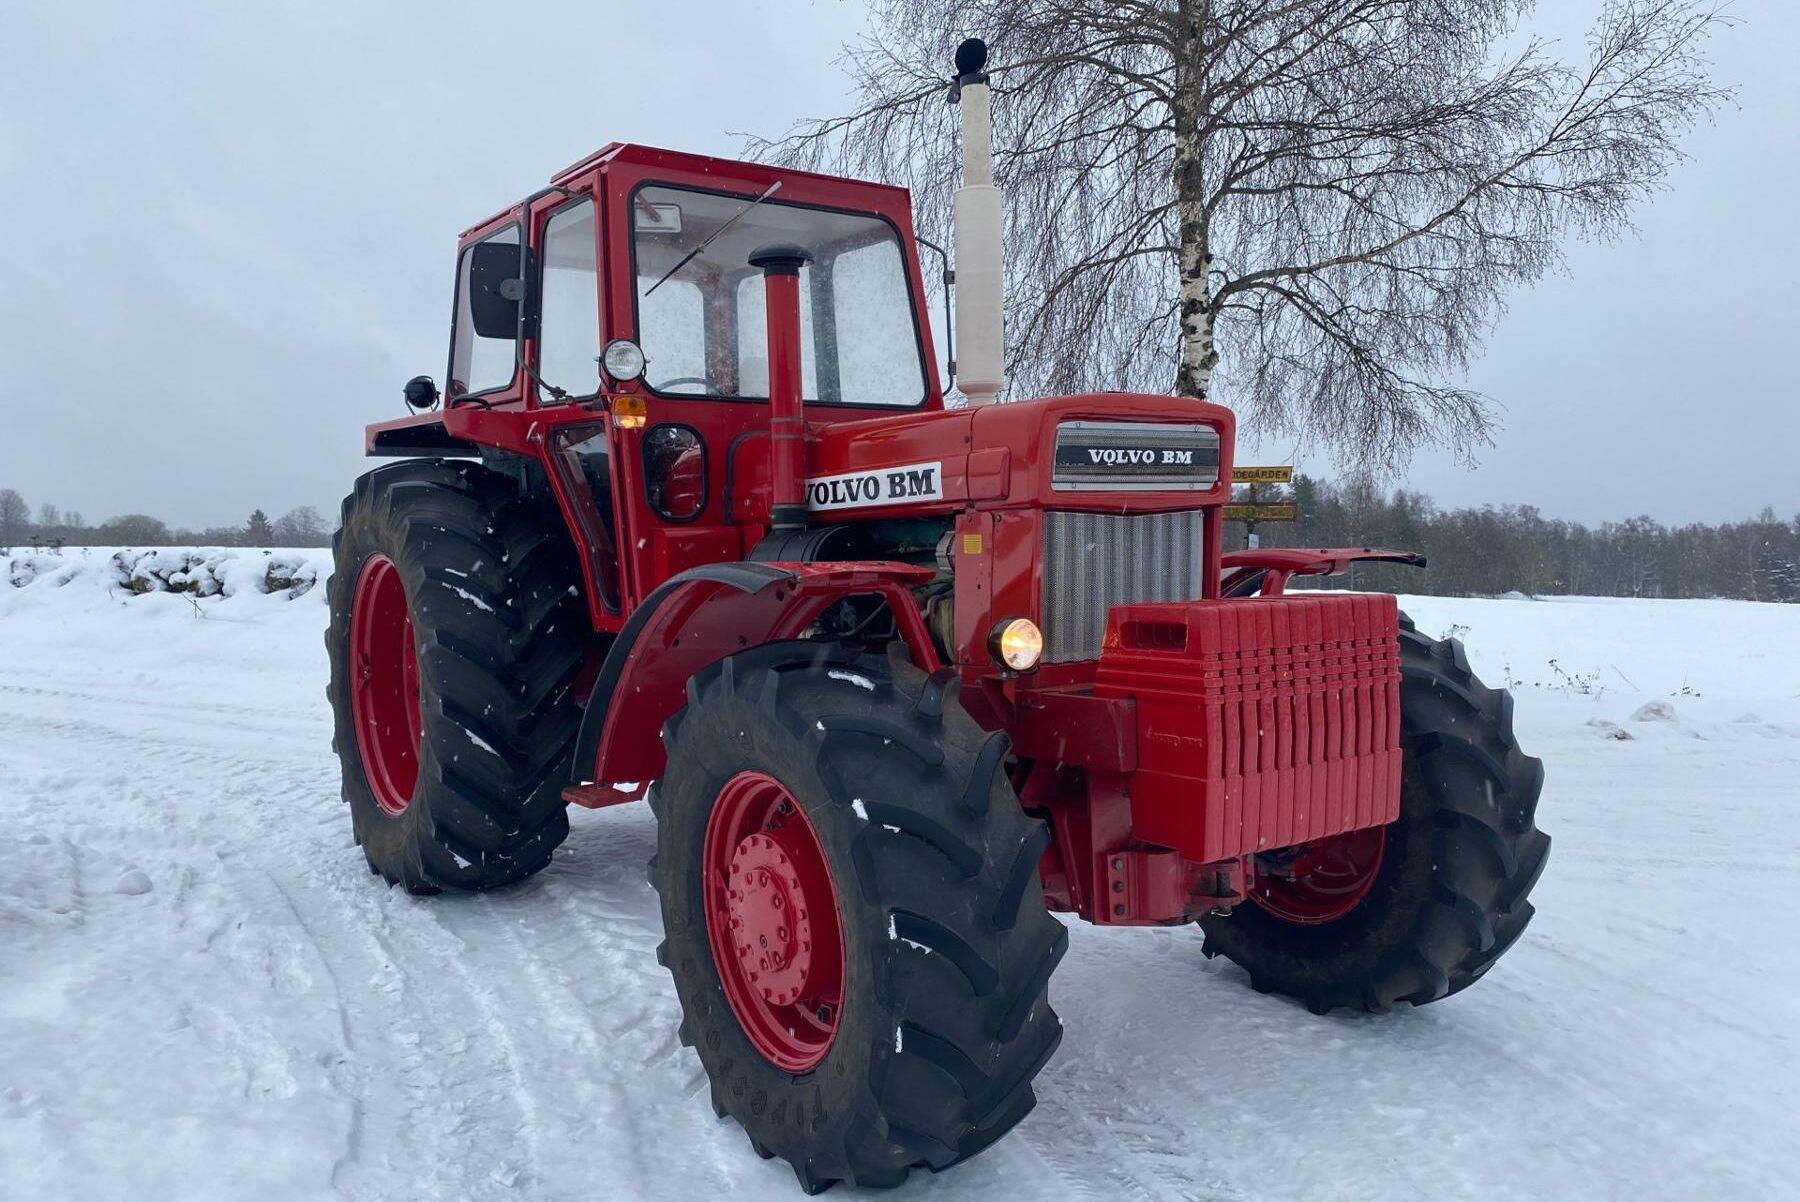 Köparen är enligt Klaravik ett danskt företag.